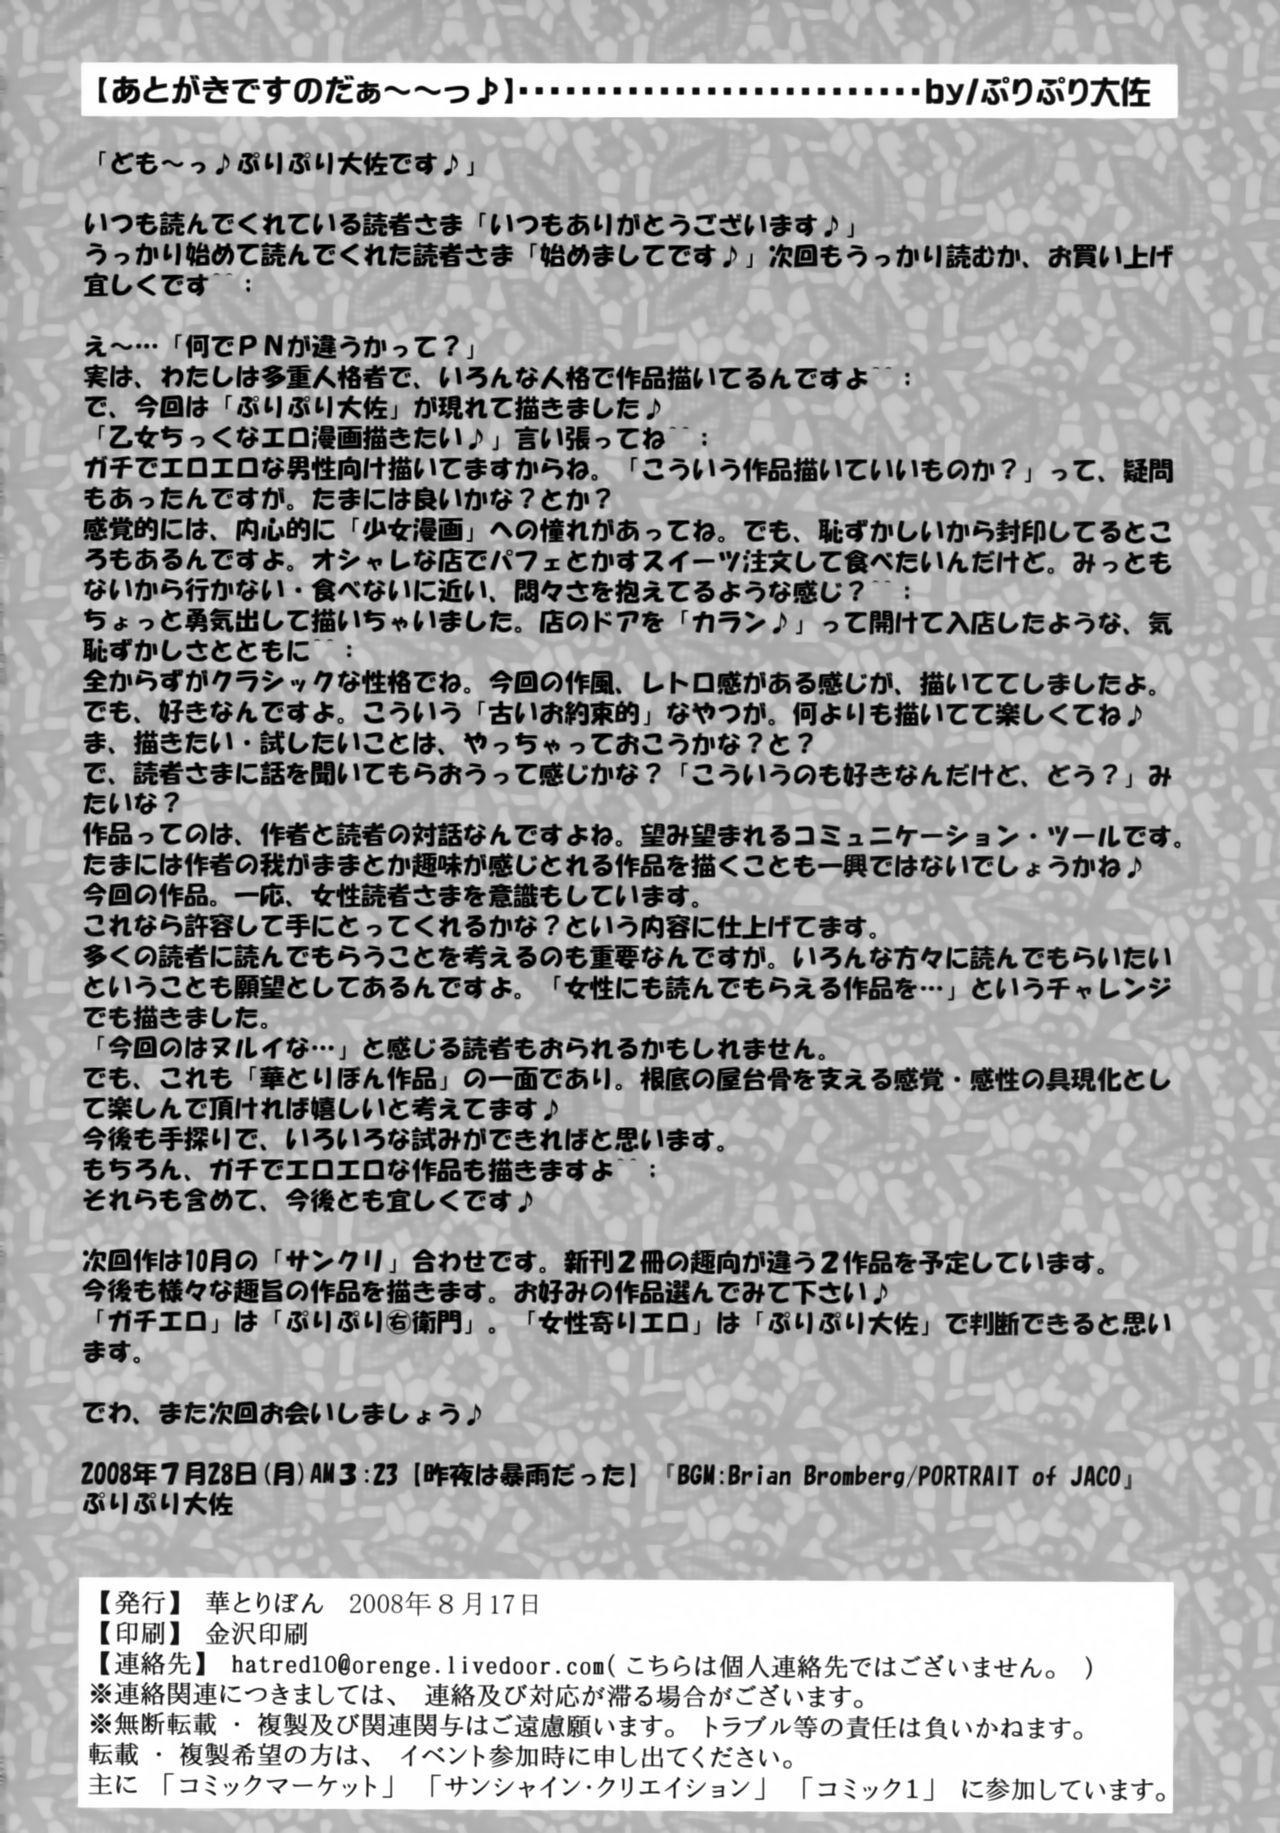 Seinen Hana To Ribon 32 24